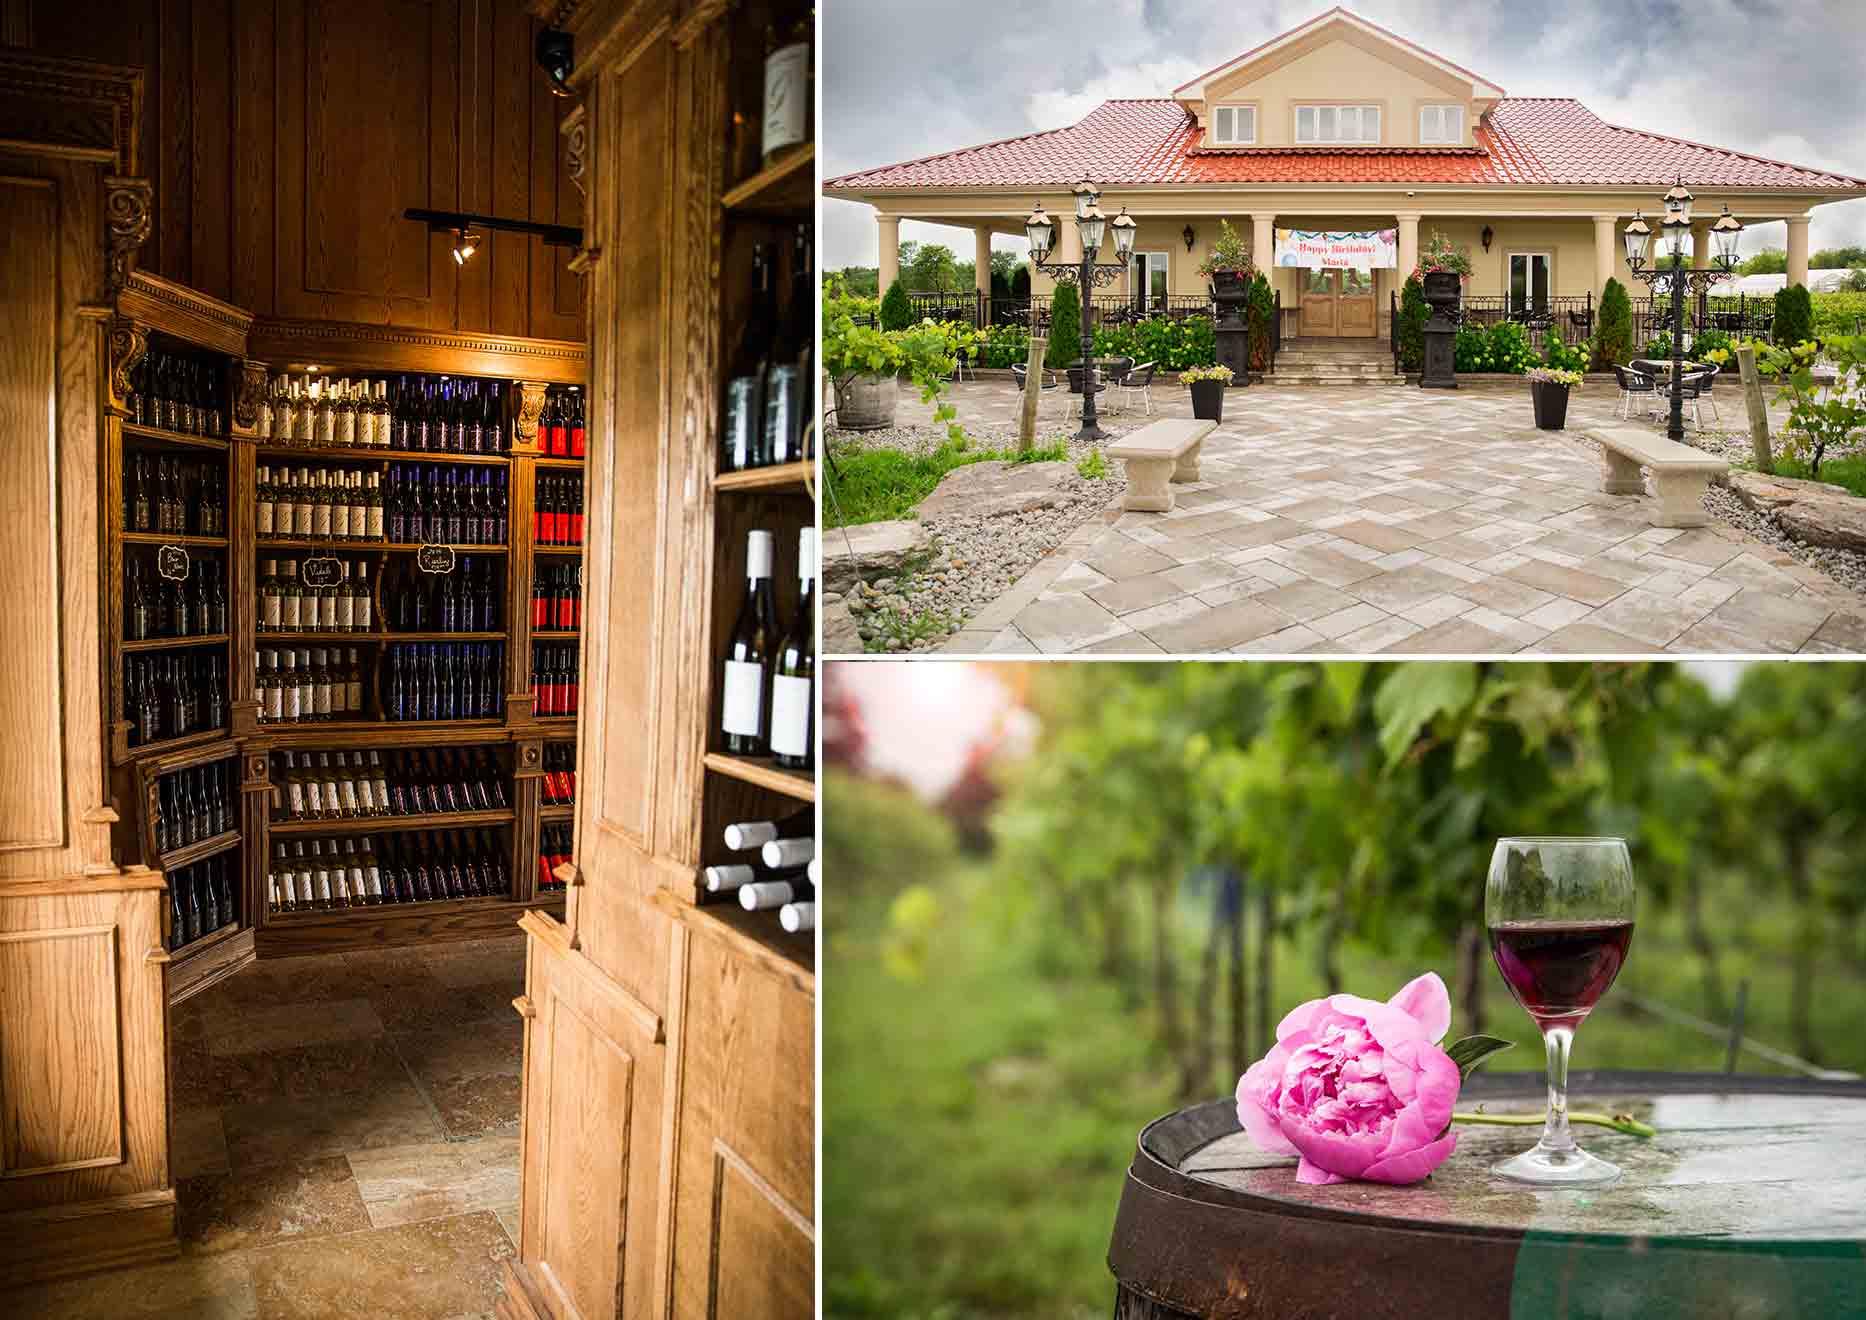 Gallucci-Winery_Dukat-Studios.jpg